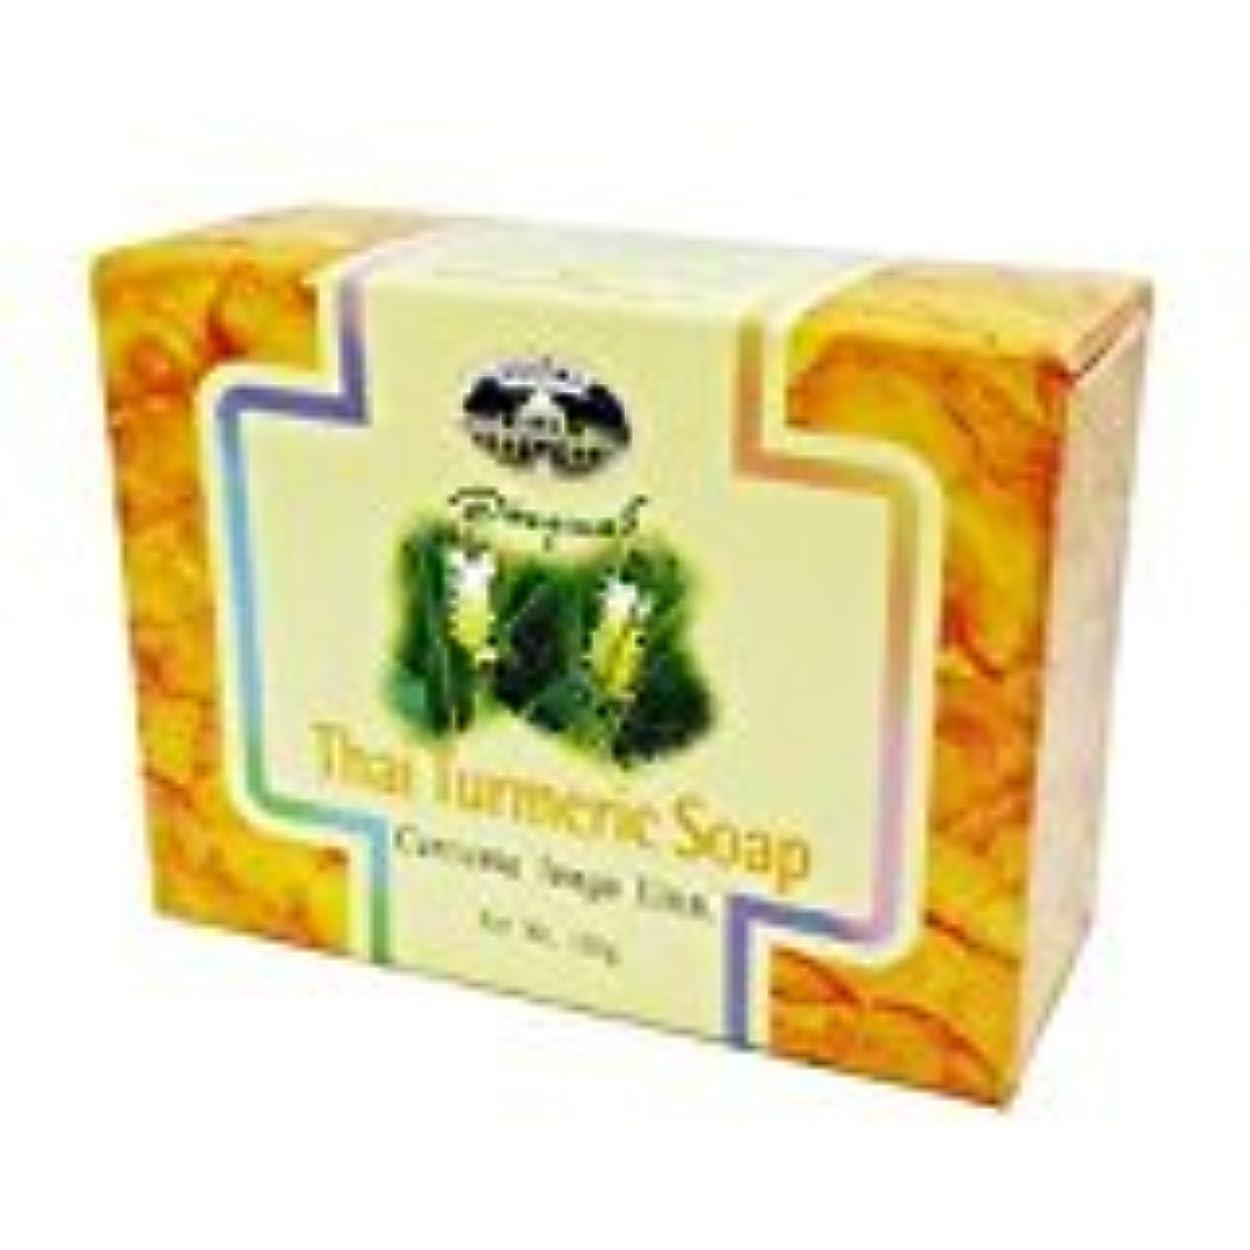 廃止ディスク寛大なウコン石けん abhaibhubejhr Turmeric soap 100g